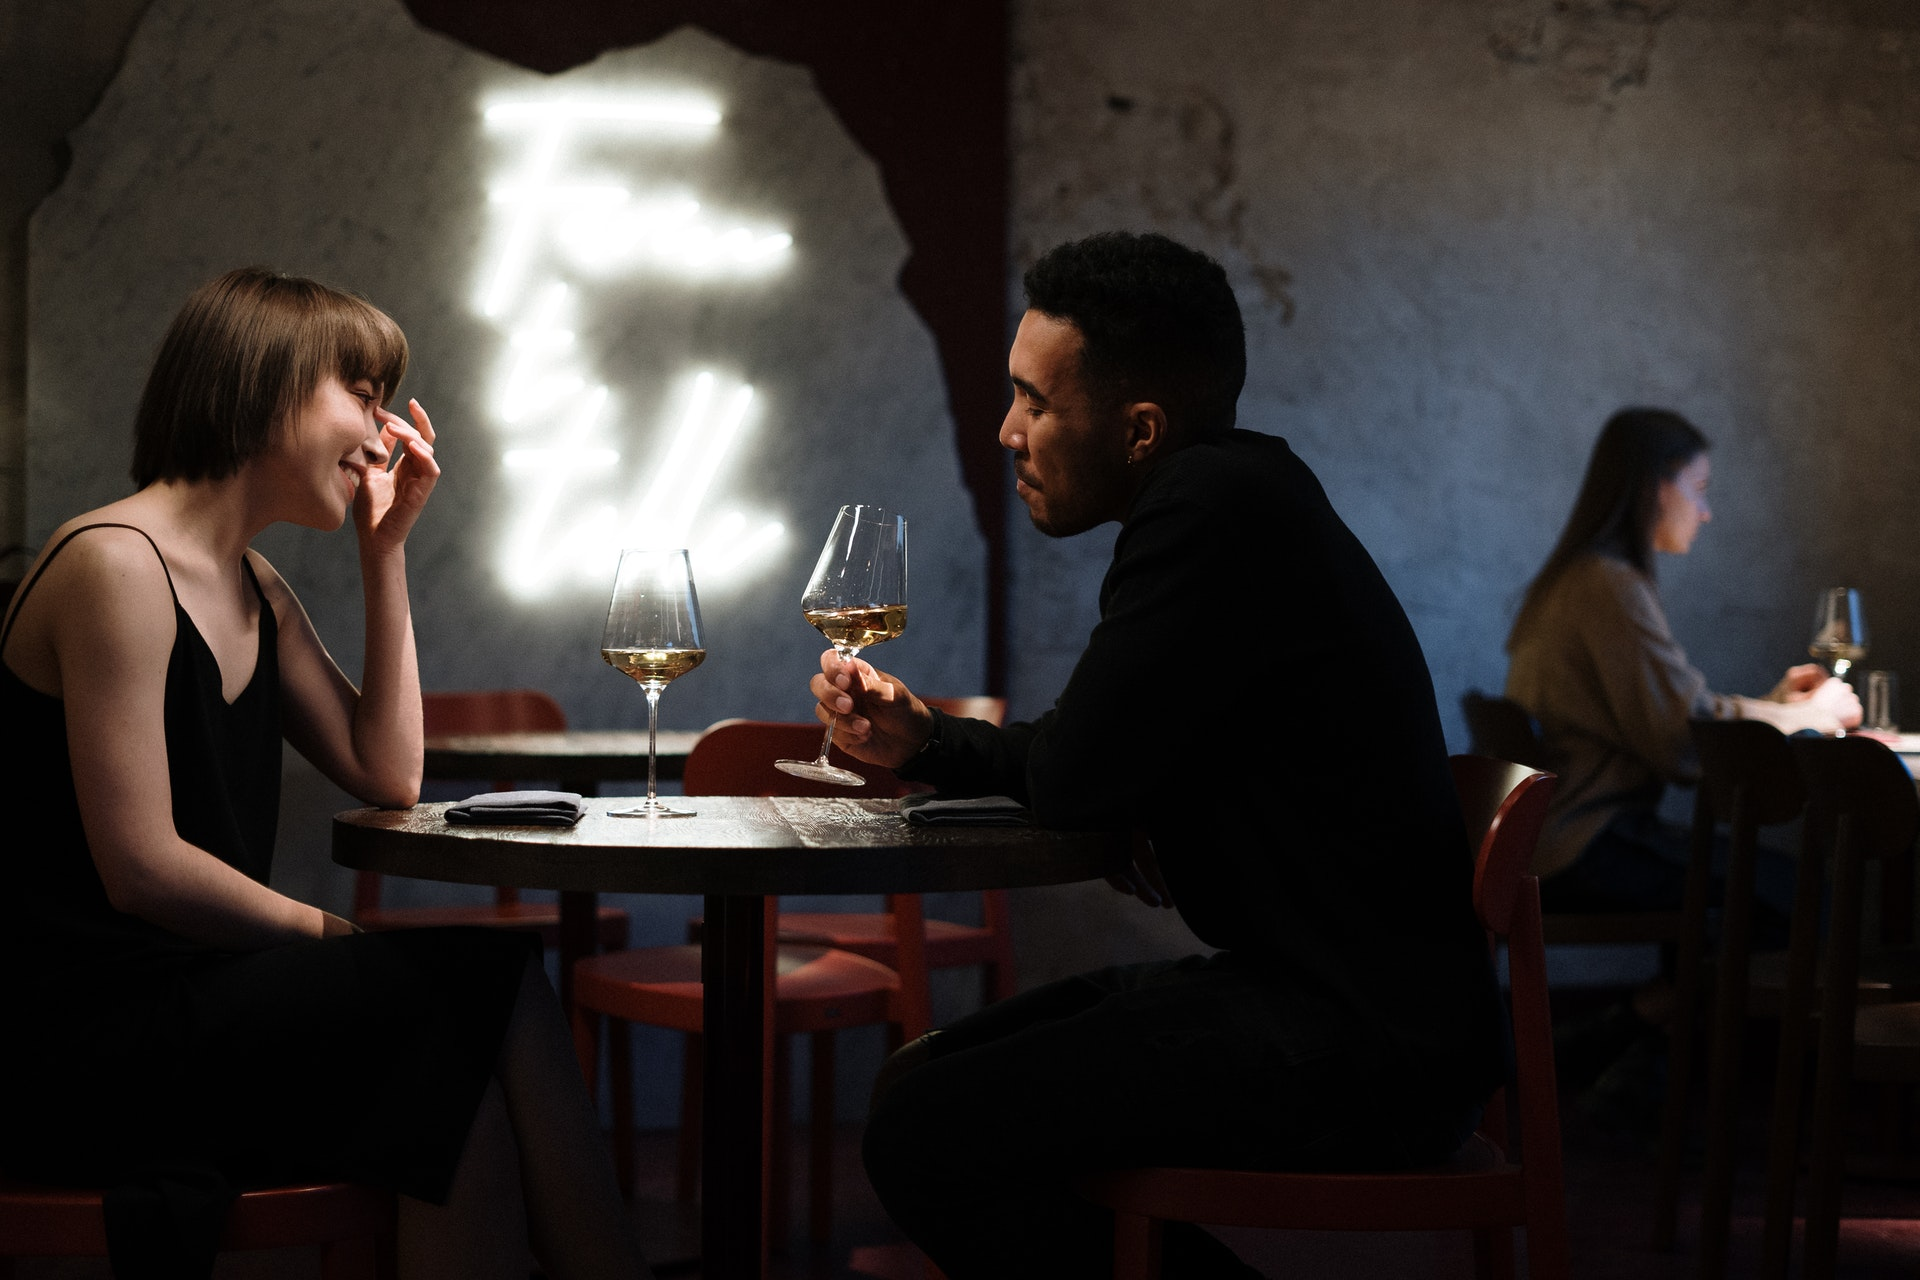 既婚男性が独身女性を食事に誘う8つの男性心理パターン